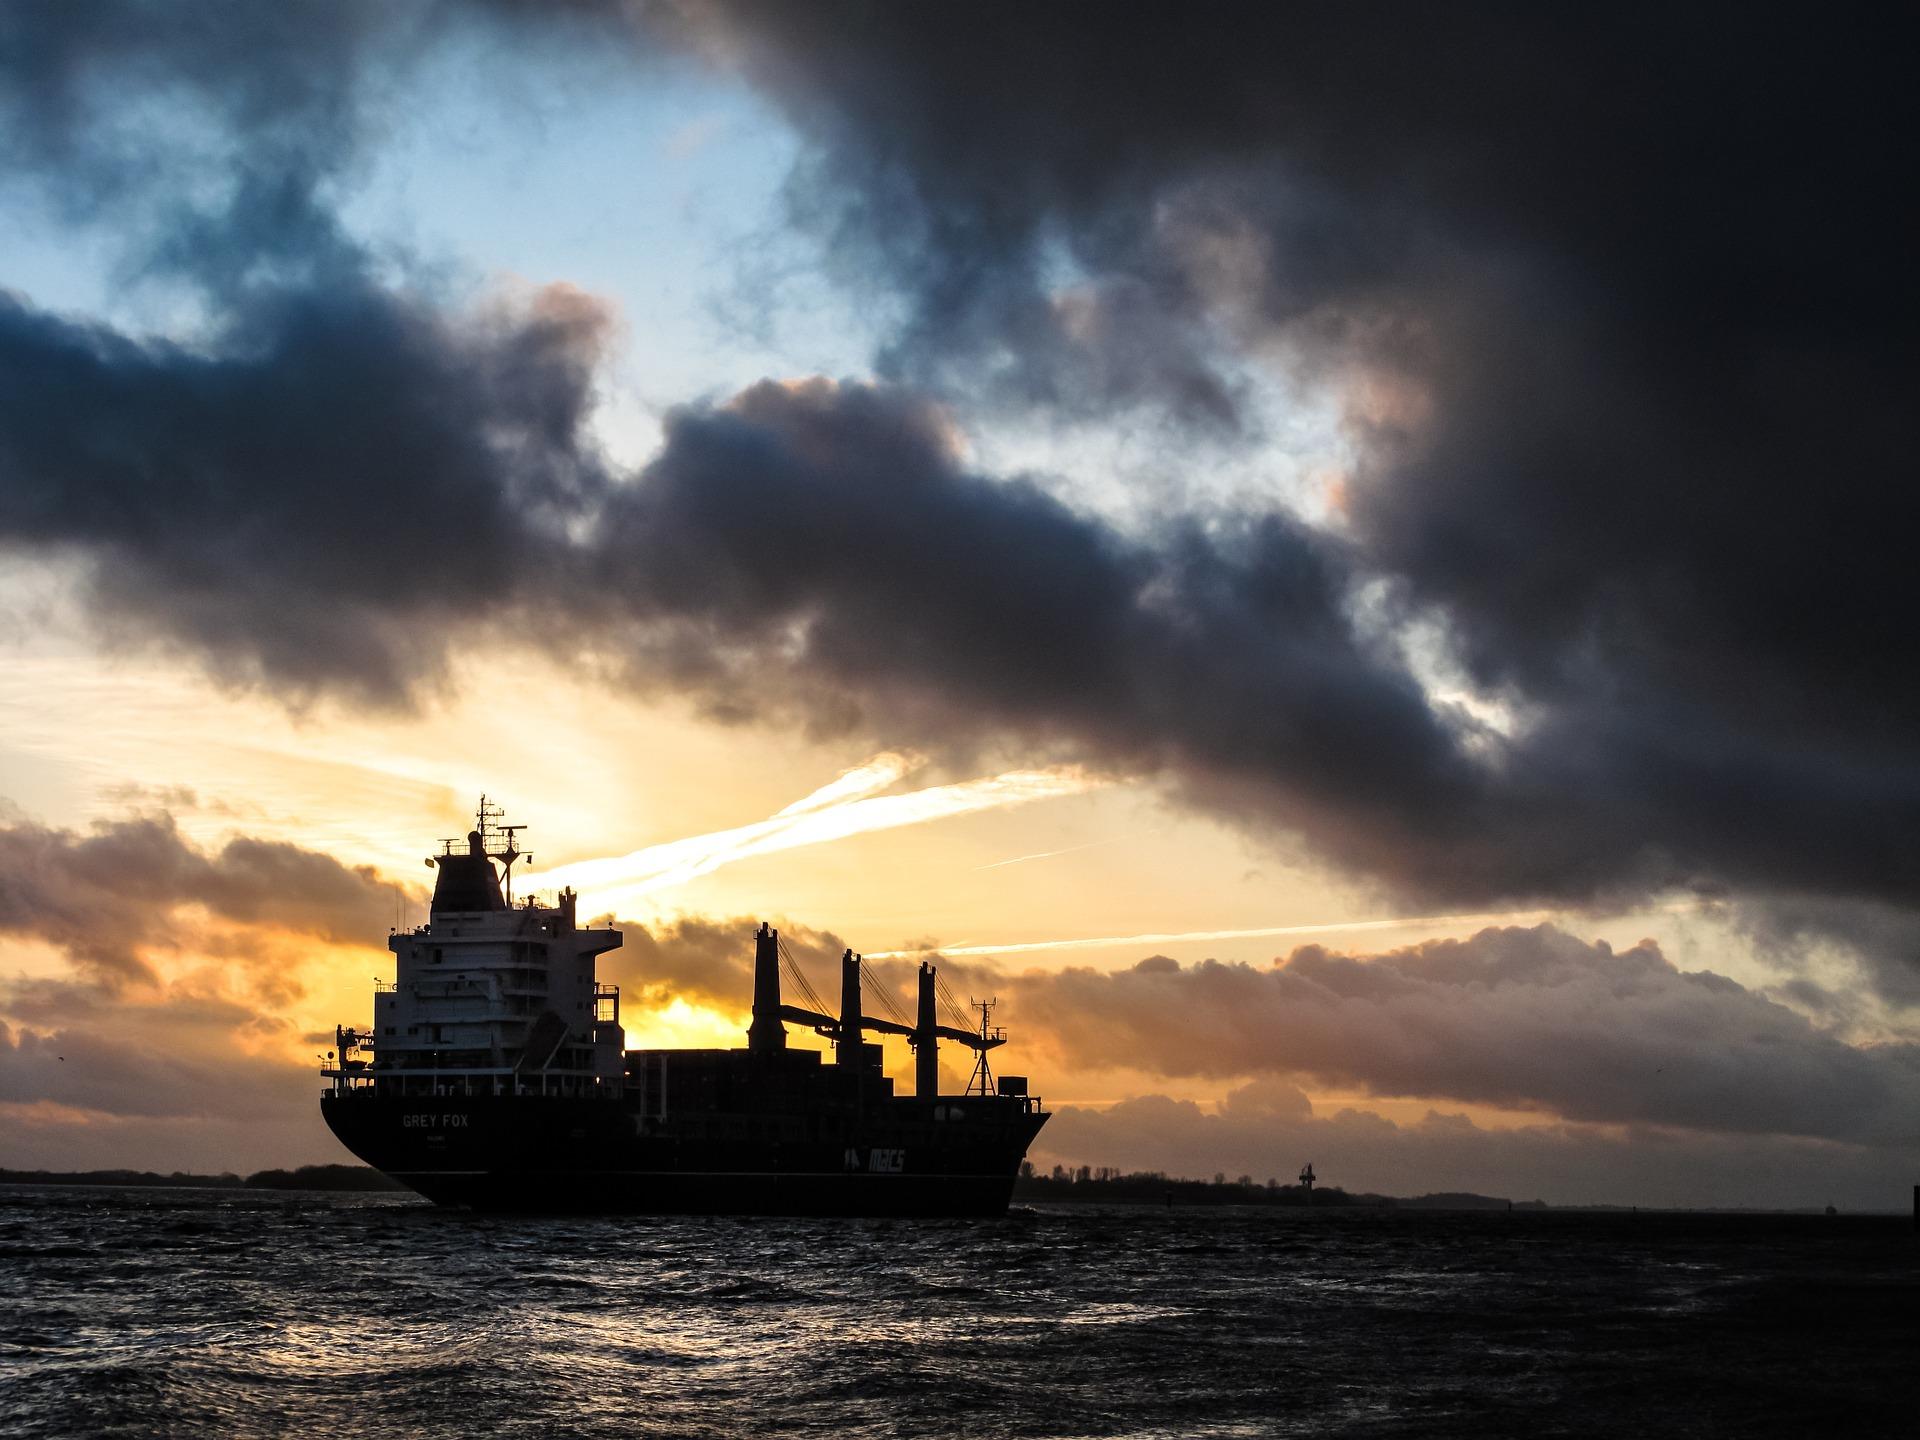 Canale di Suez: si stimano i danni e i rincari causati dal blocco